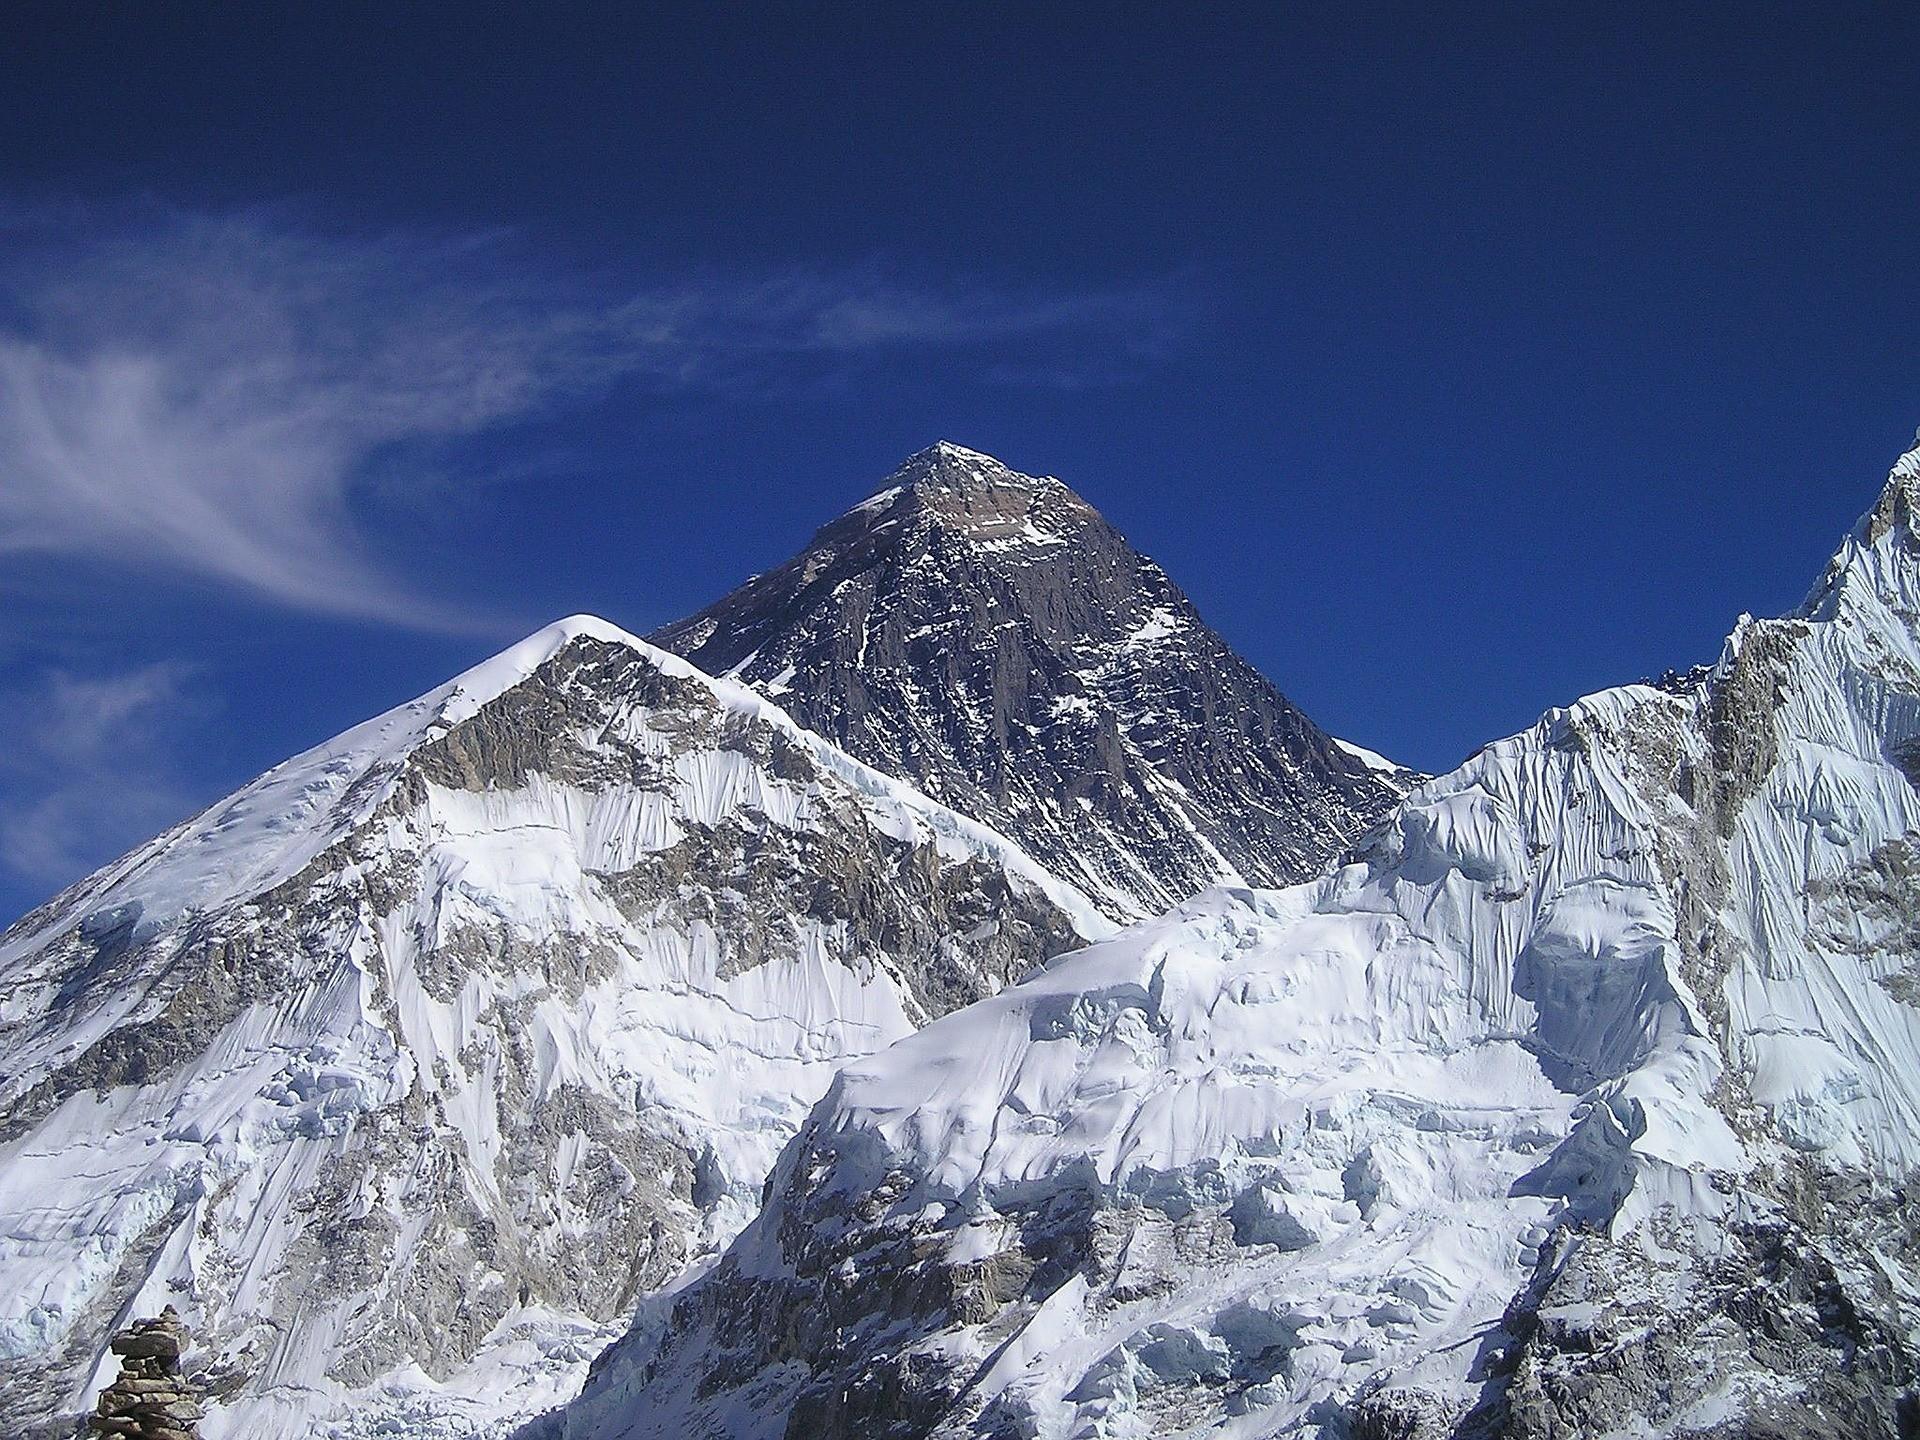 ▲聖母峰,登山。(圖/取自免費圖庫Pixabay)